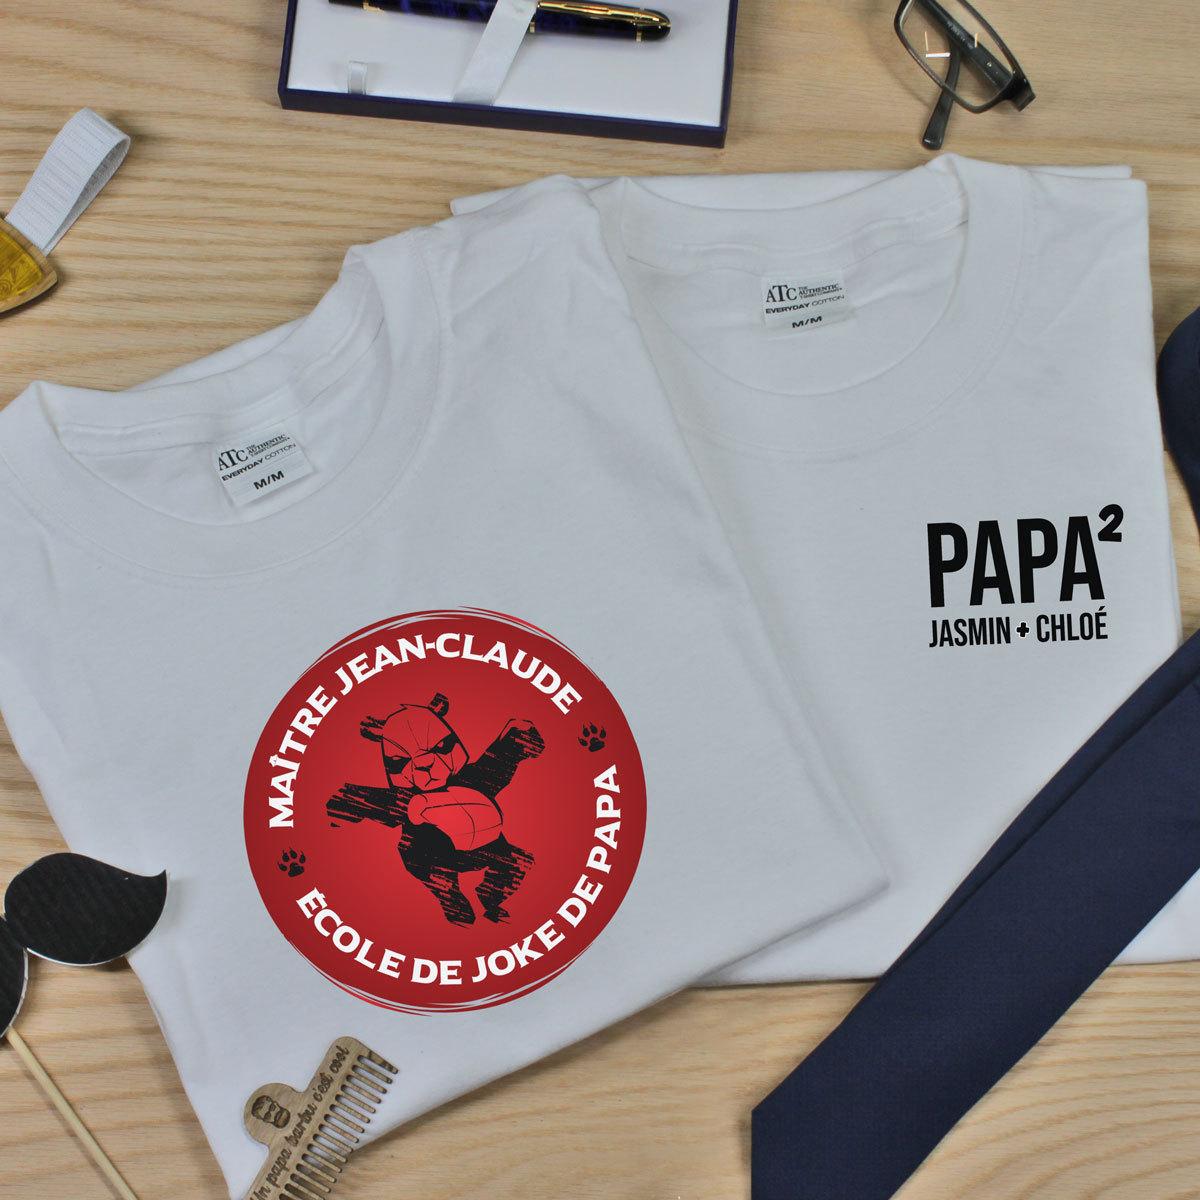 t-shirt en coton pour les papas - offrir en cadeau et fête des Pères